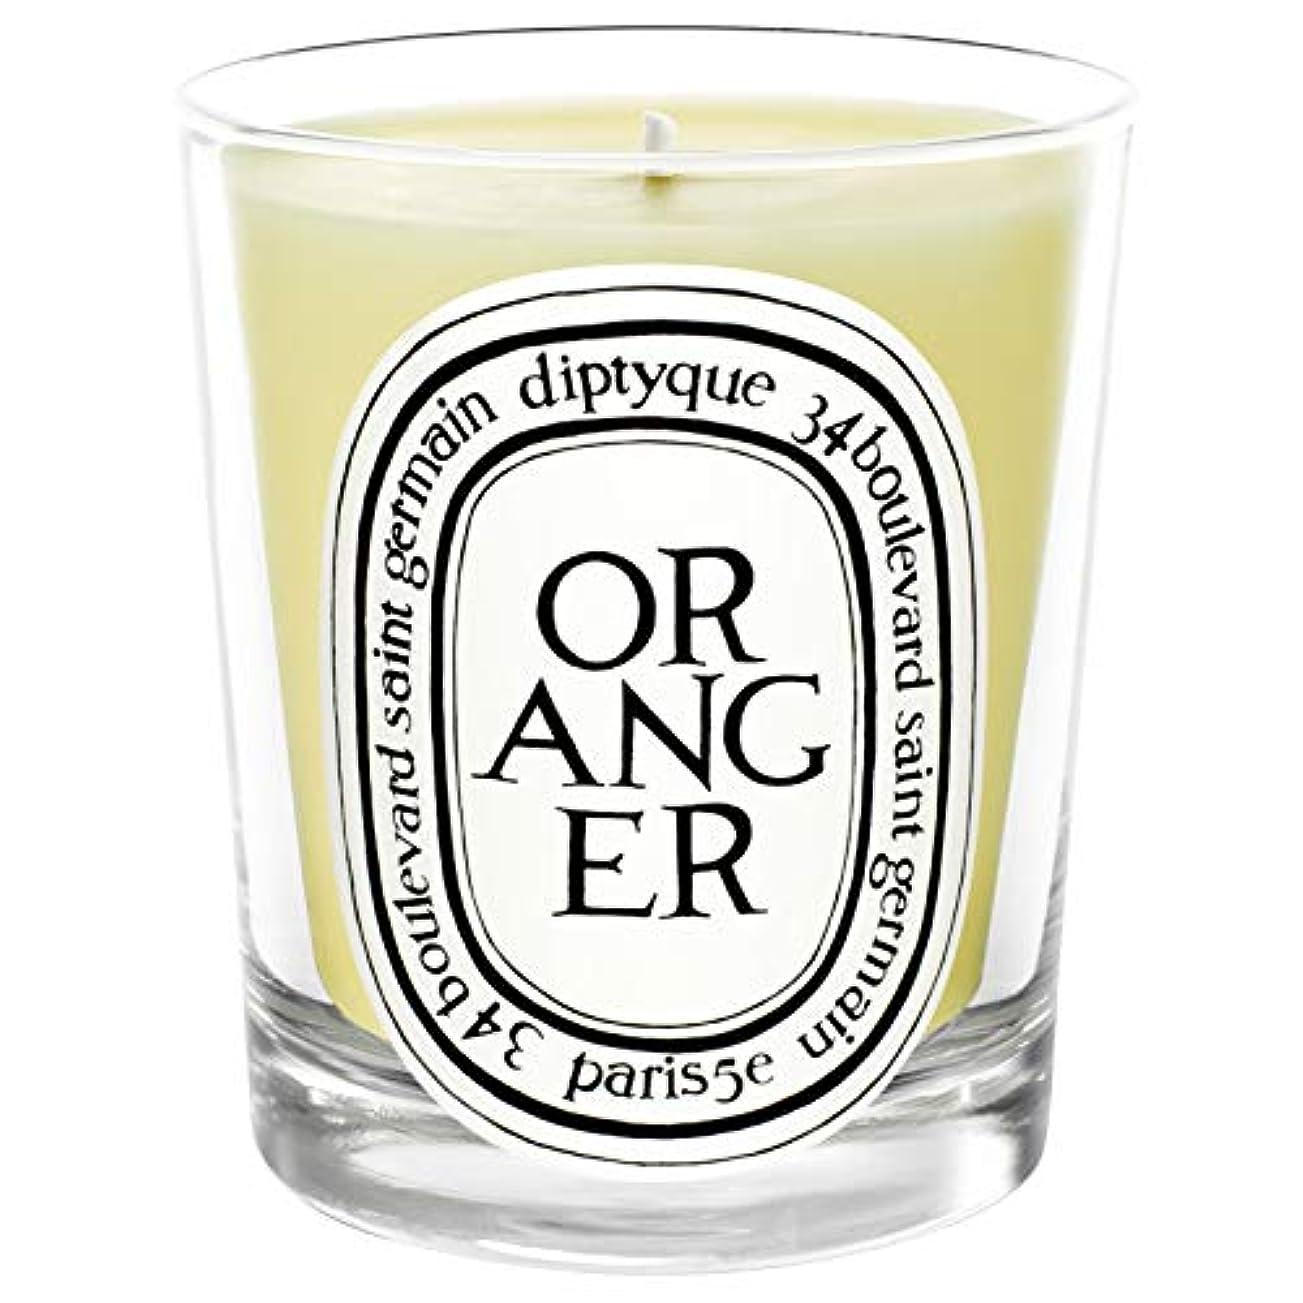 金曜日オアシス実証する[Diptyque] Diptyqueのオランジェ香りのキャンドル190グラム - Diptyque Oranger Scented Candle 190g [並行輸入品]